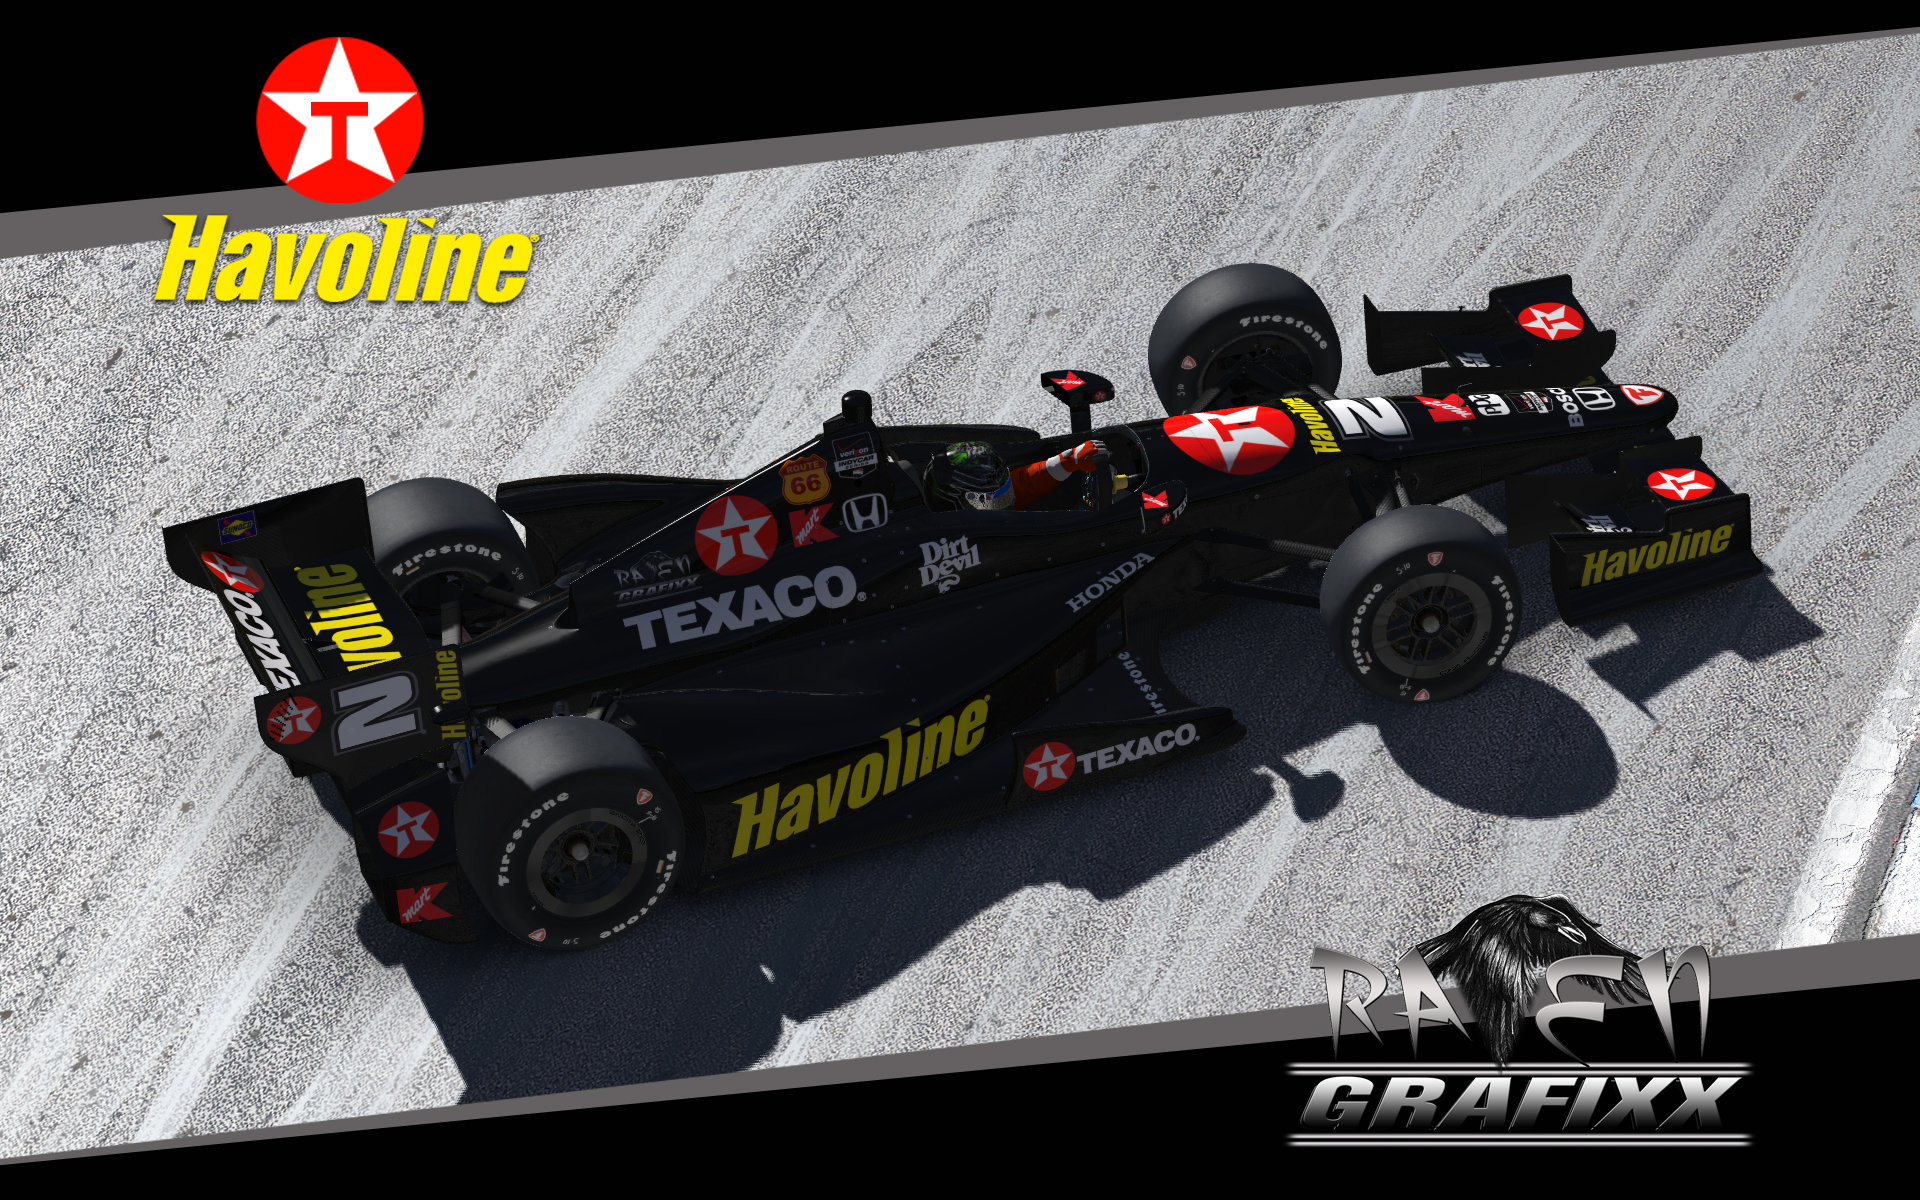 Preview of 2016 Texaco Havoline Dallara DW12 by Doyle Lowrance